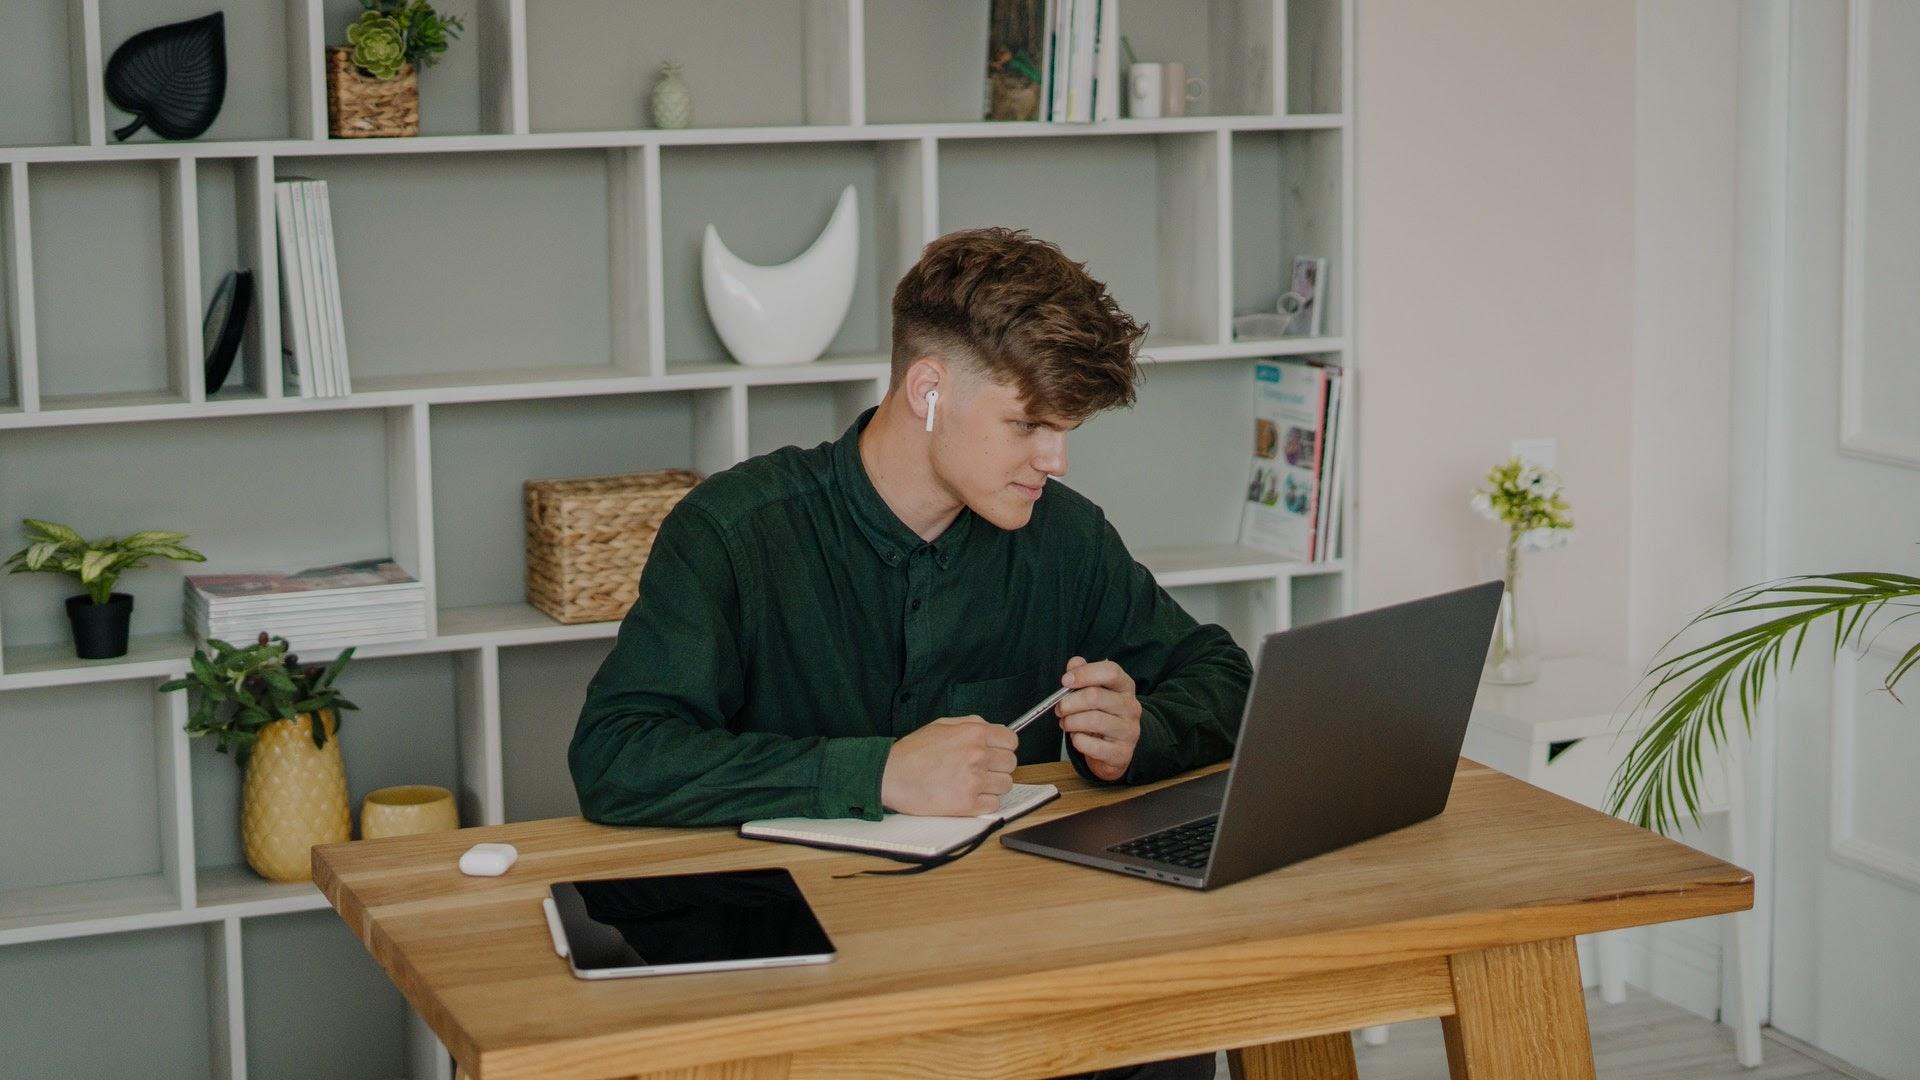 Male in online class